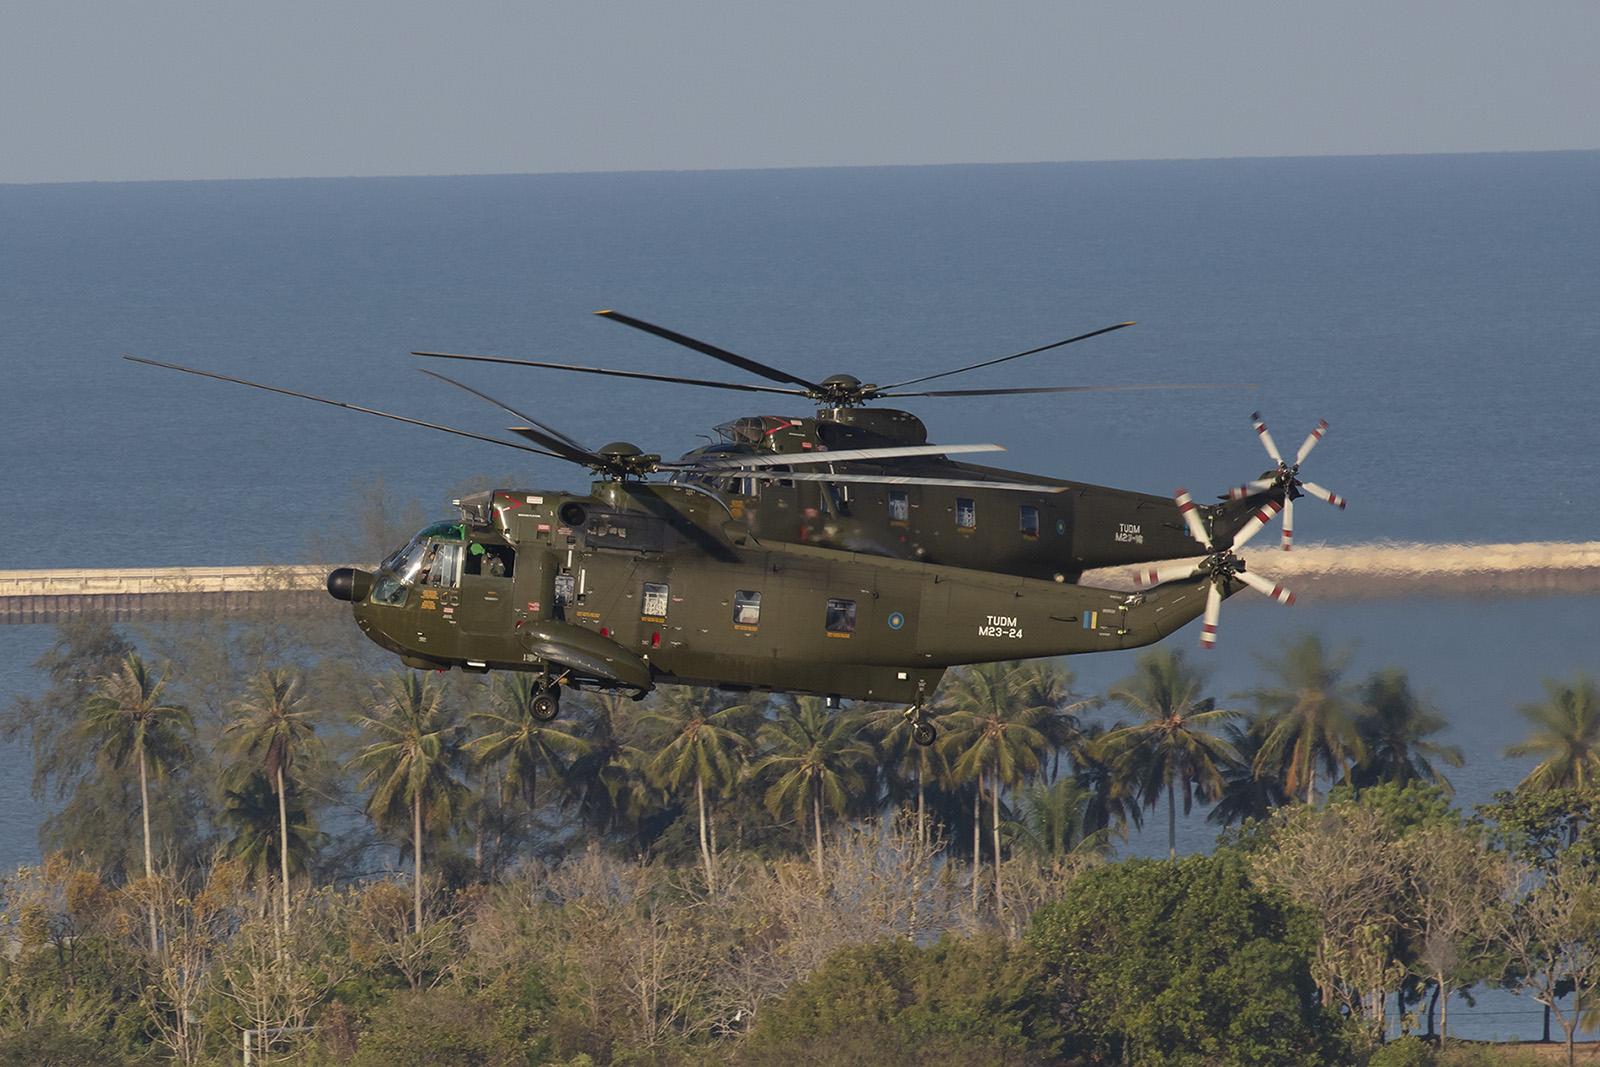 Auch die Hubschrauber zeigten in der Eröffnungszeremonie ihre Fähigkeiten.